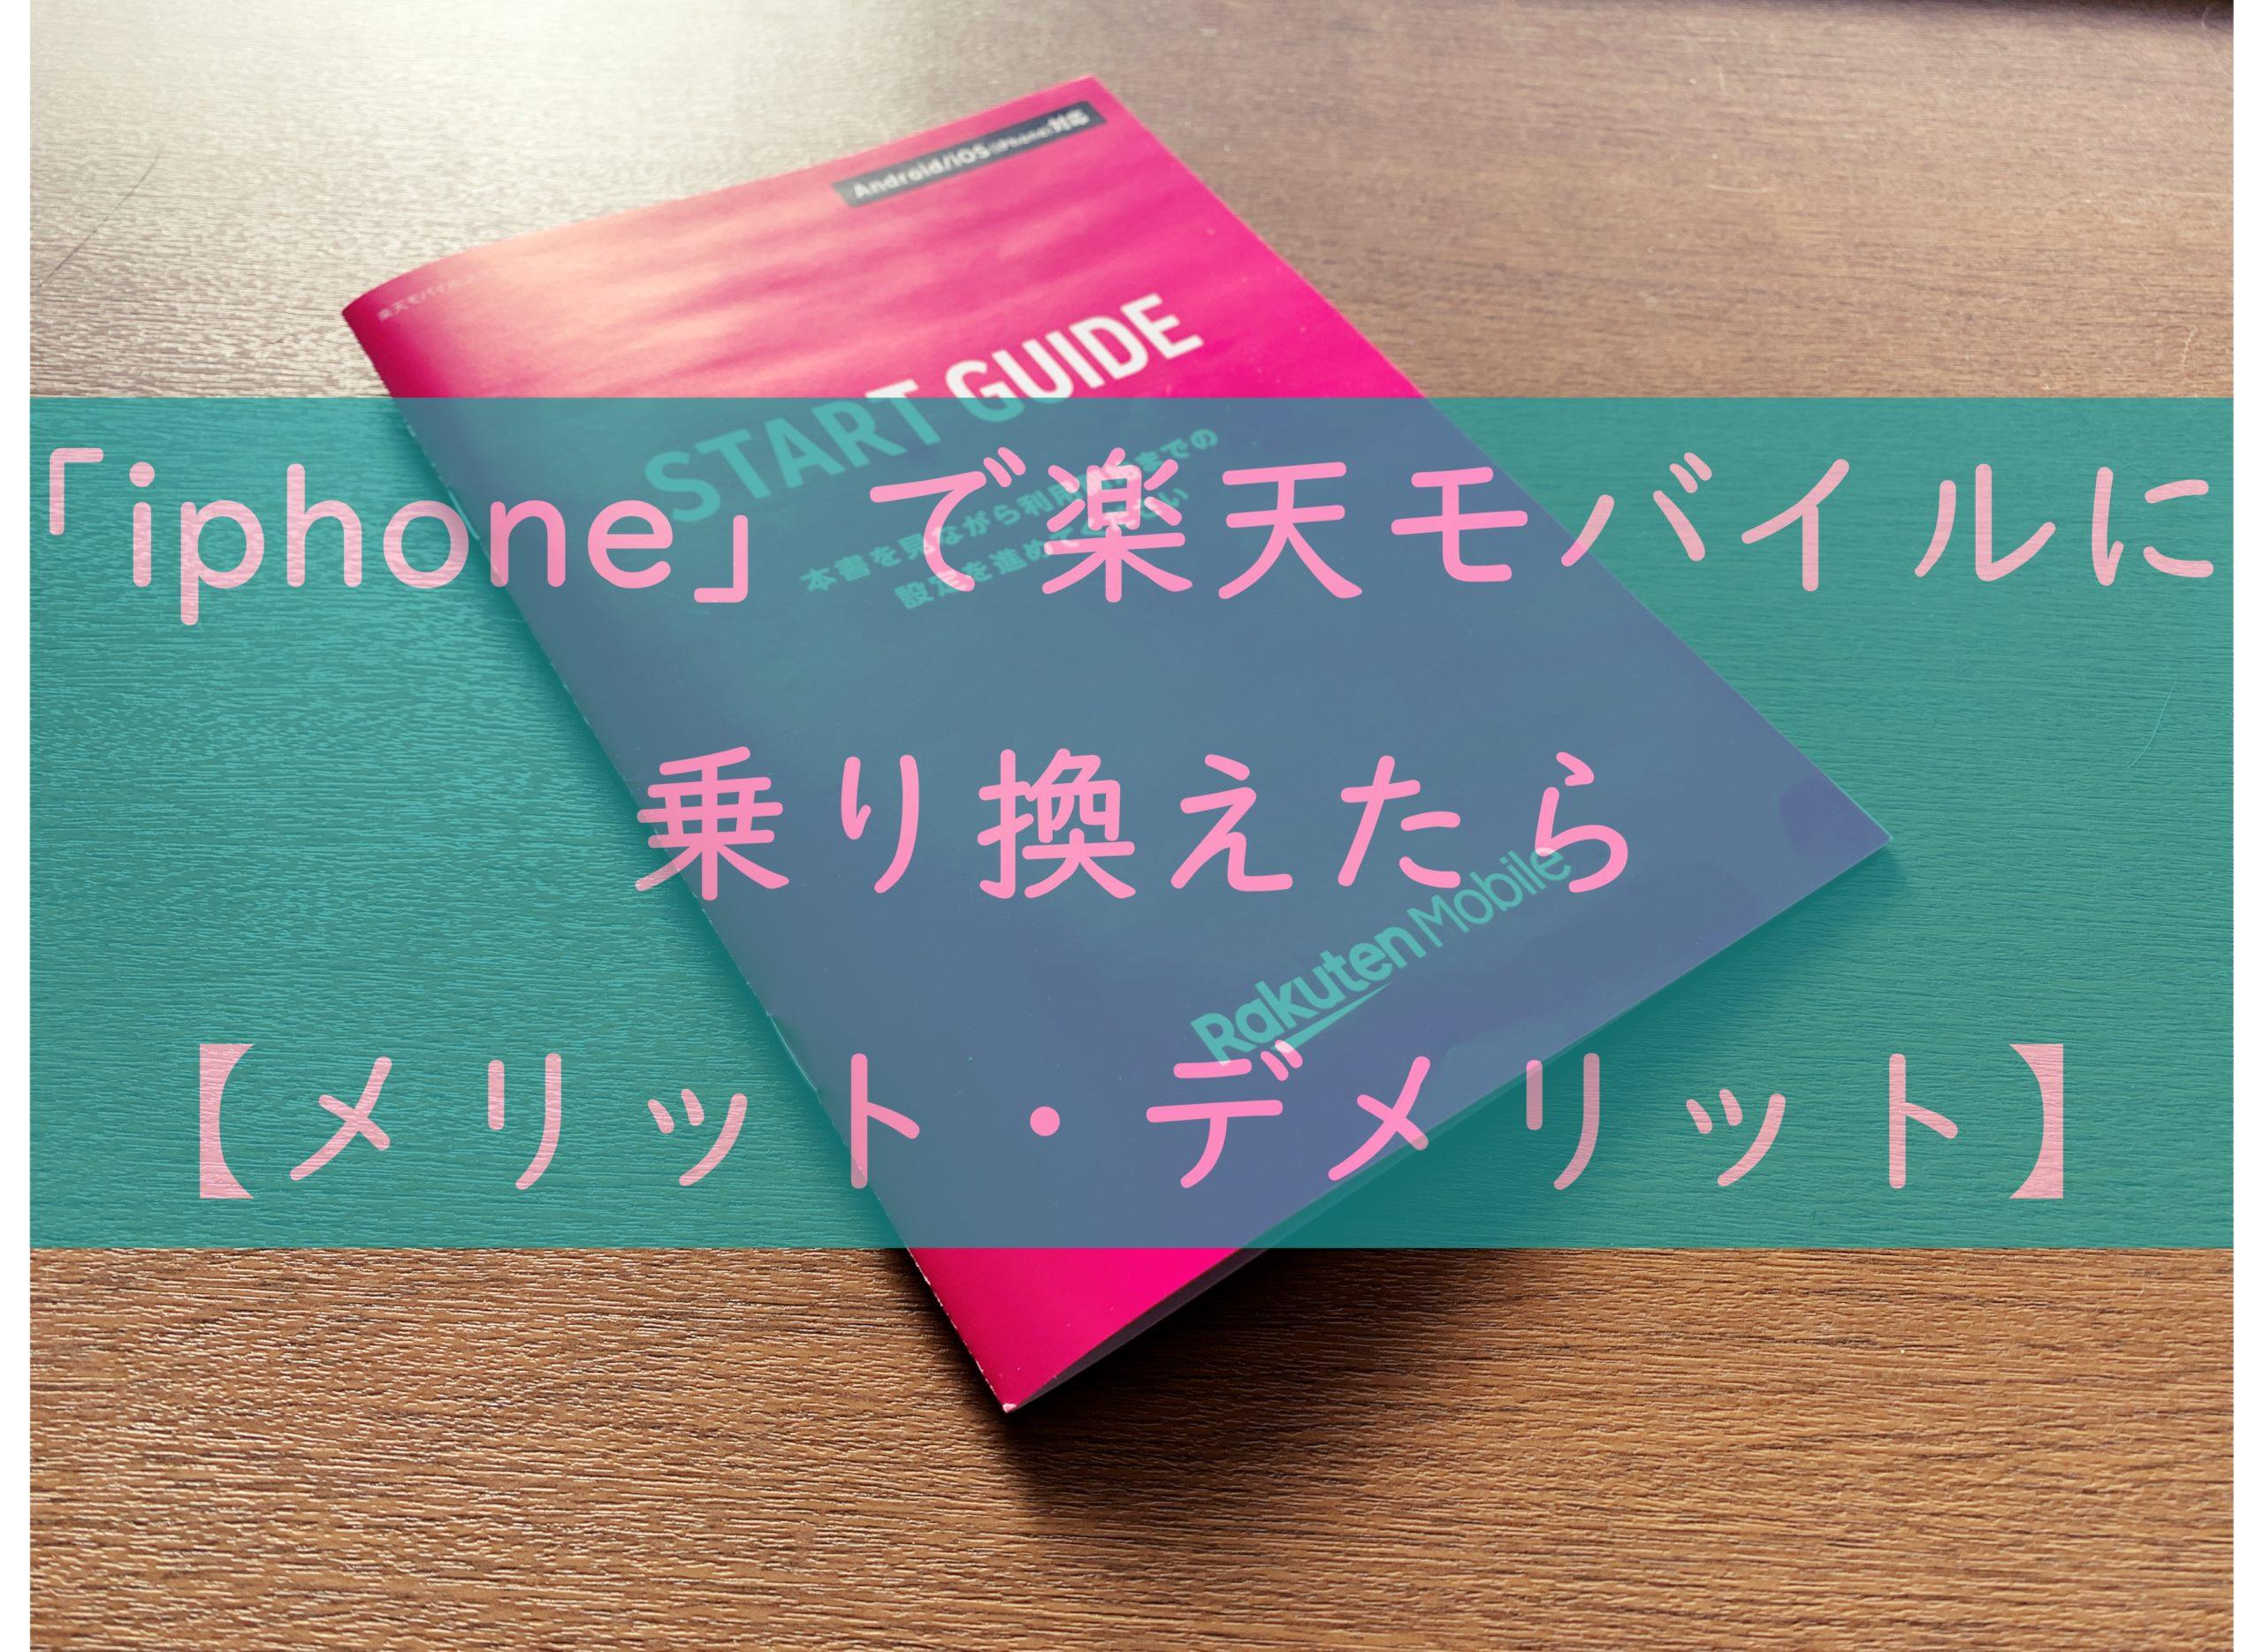 「iphone」で楽天モバイルに乗り換えたら【メリット・デメリット】